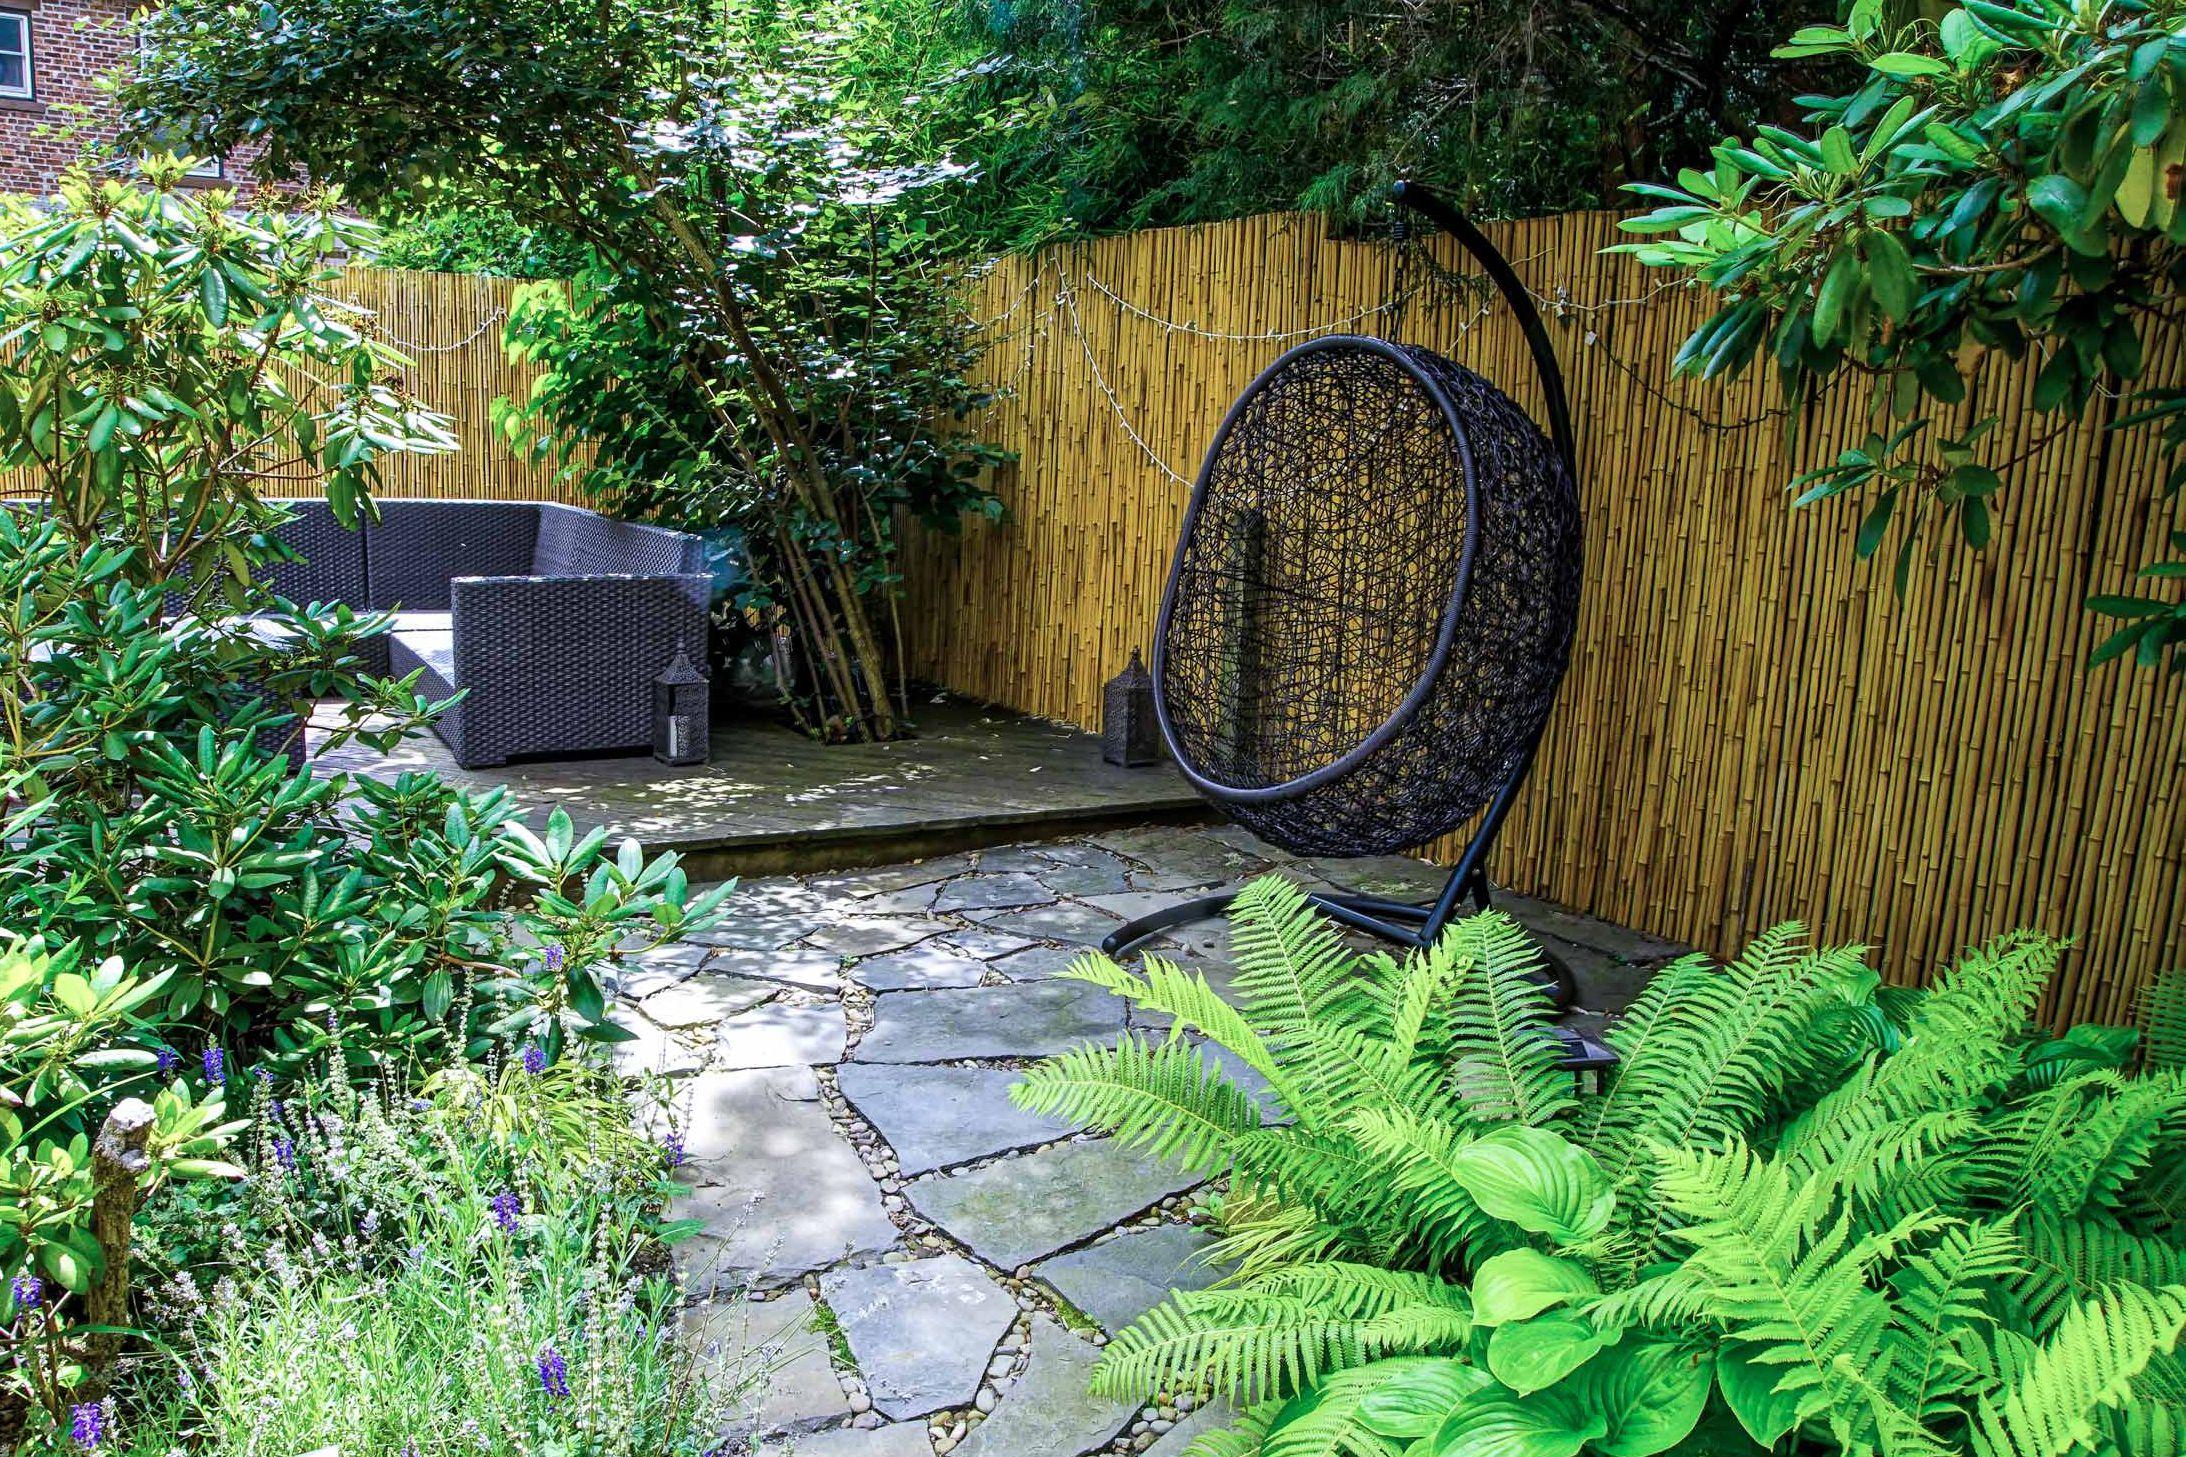 columpio en el patio trasero frente a una pared de bambú